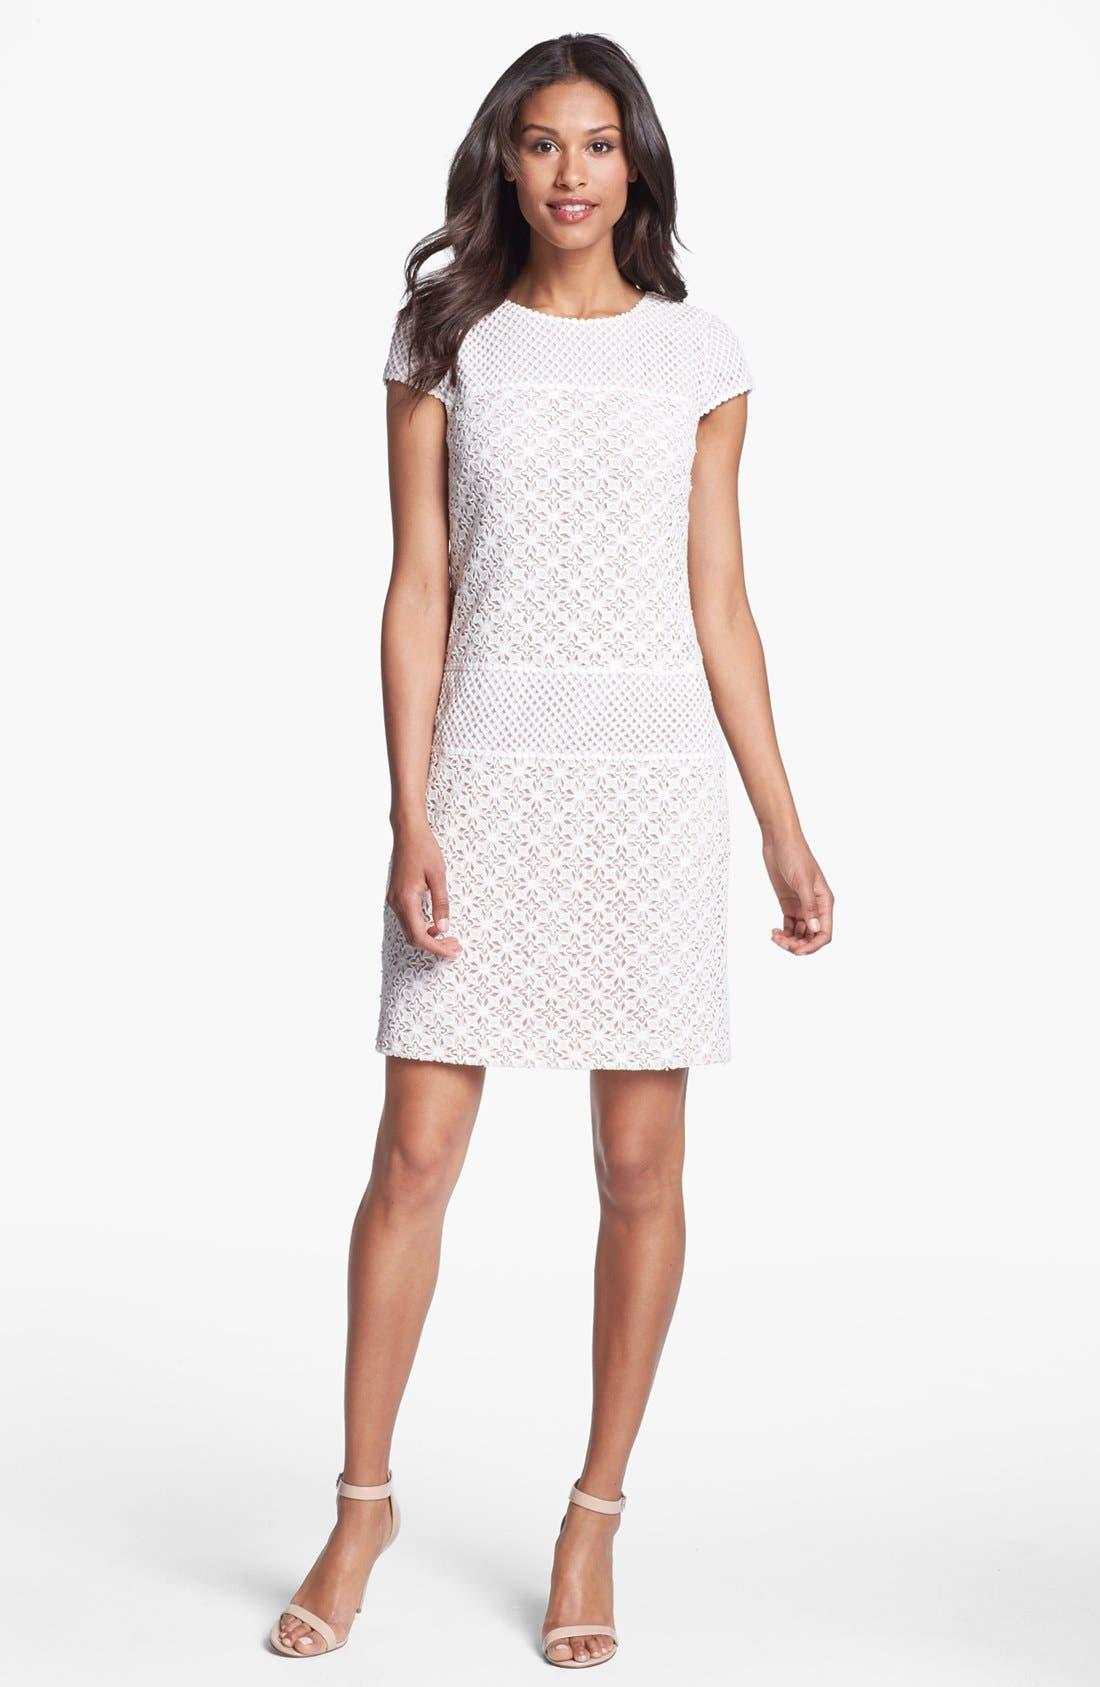 Main Image - Ivy & Blu Mixed Lace Dress (Petite)